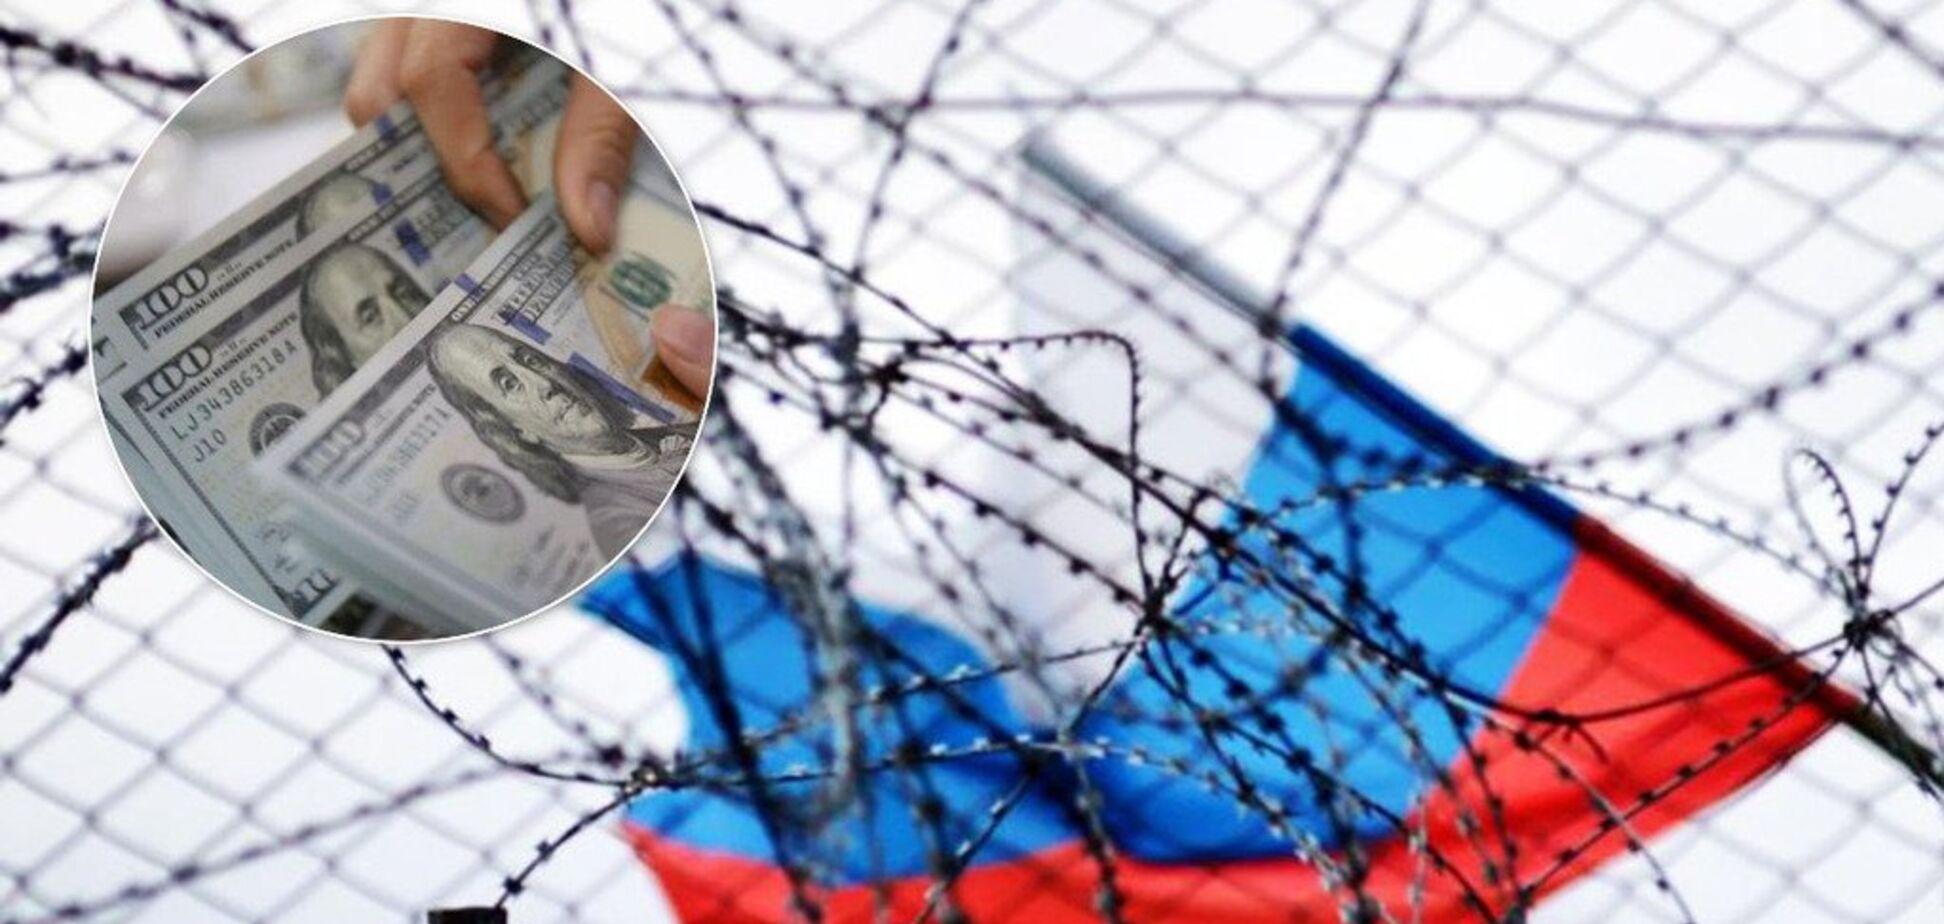 Україна помстилася Росії санкціями: Москва жорстко відреагувала